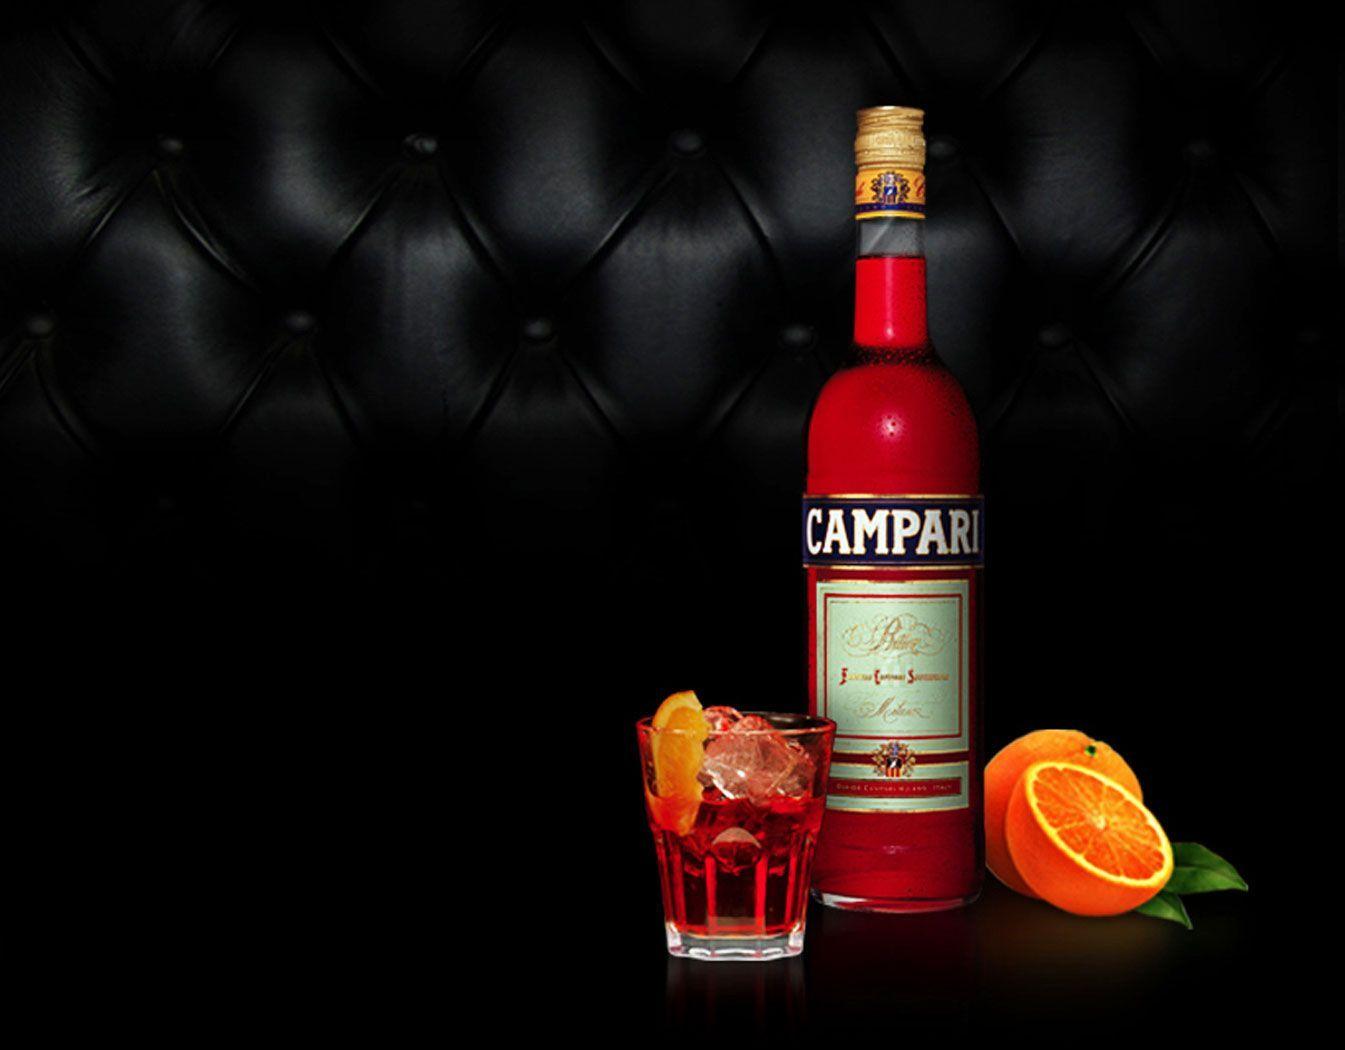 Campari feature